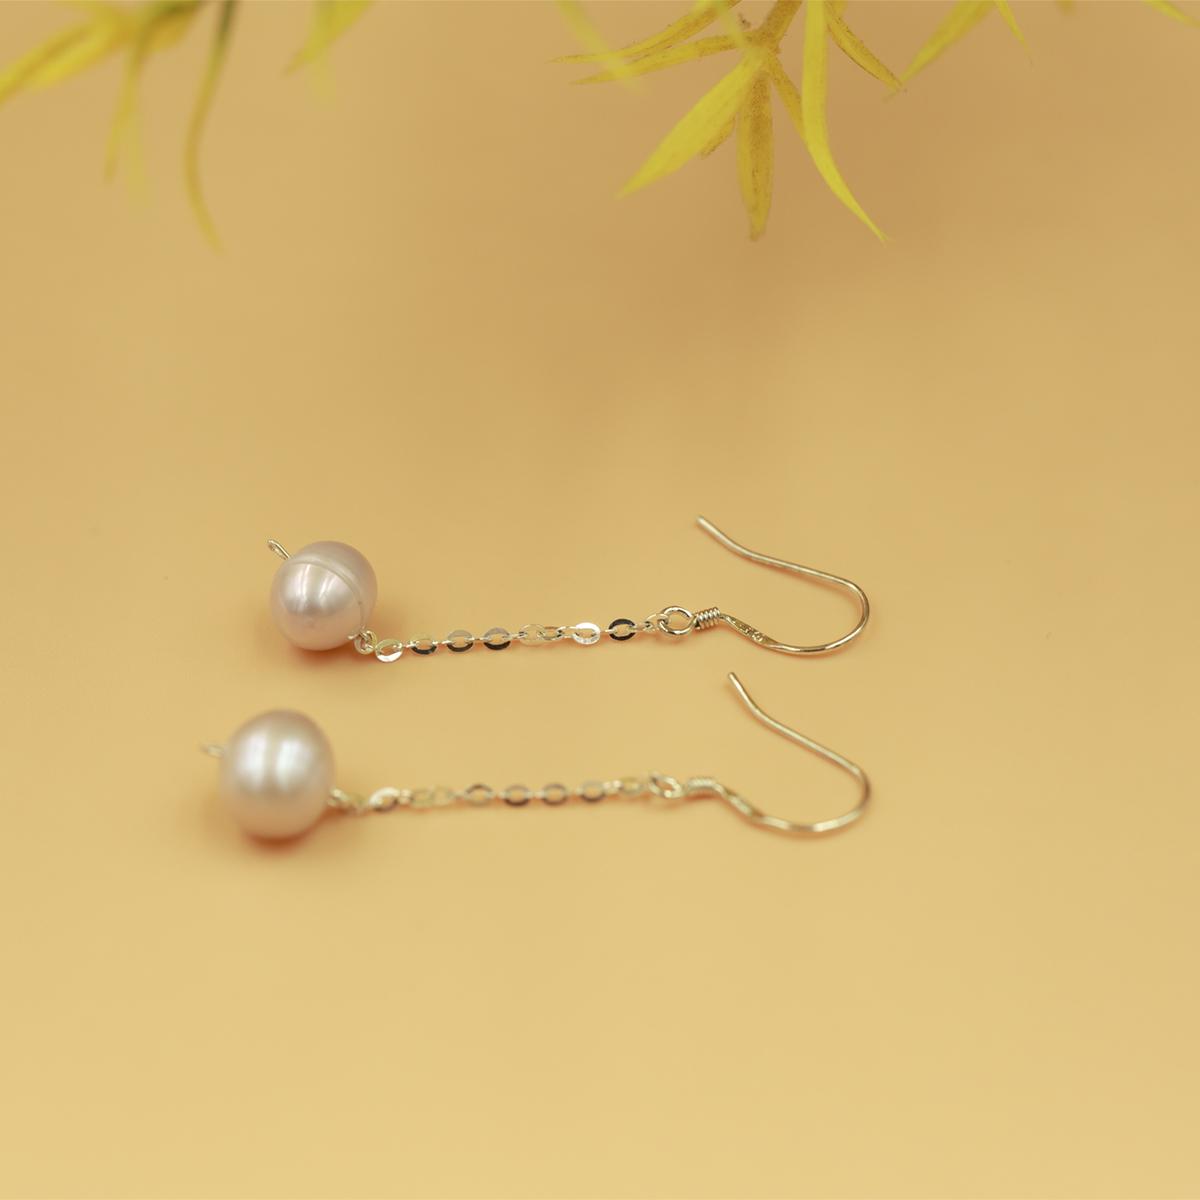 Hoa tai bạc kết hợp ngọc trai Opal - E1 giá gốc 350.000 đồng; chất liệu bạc 925 kết hợp ngọc trai trắng.